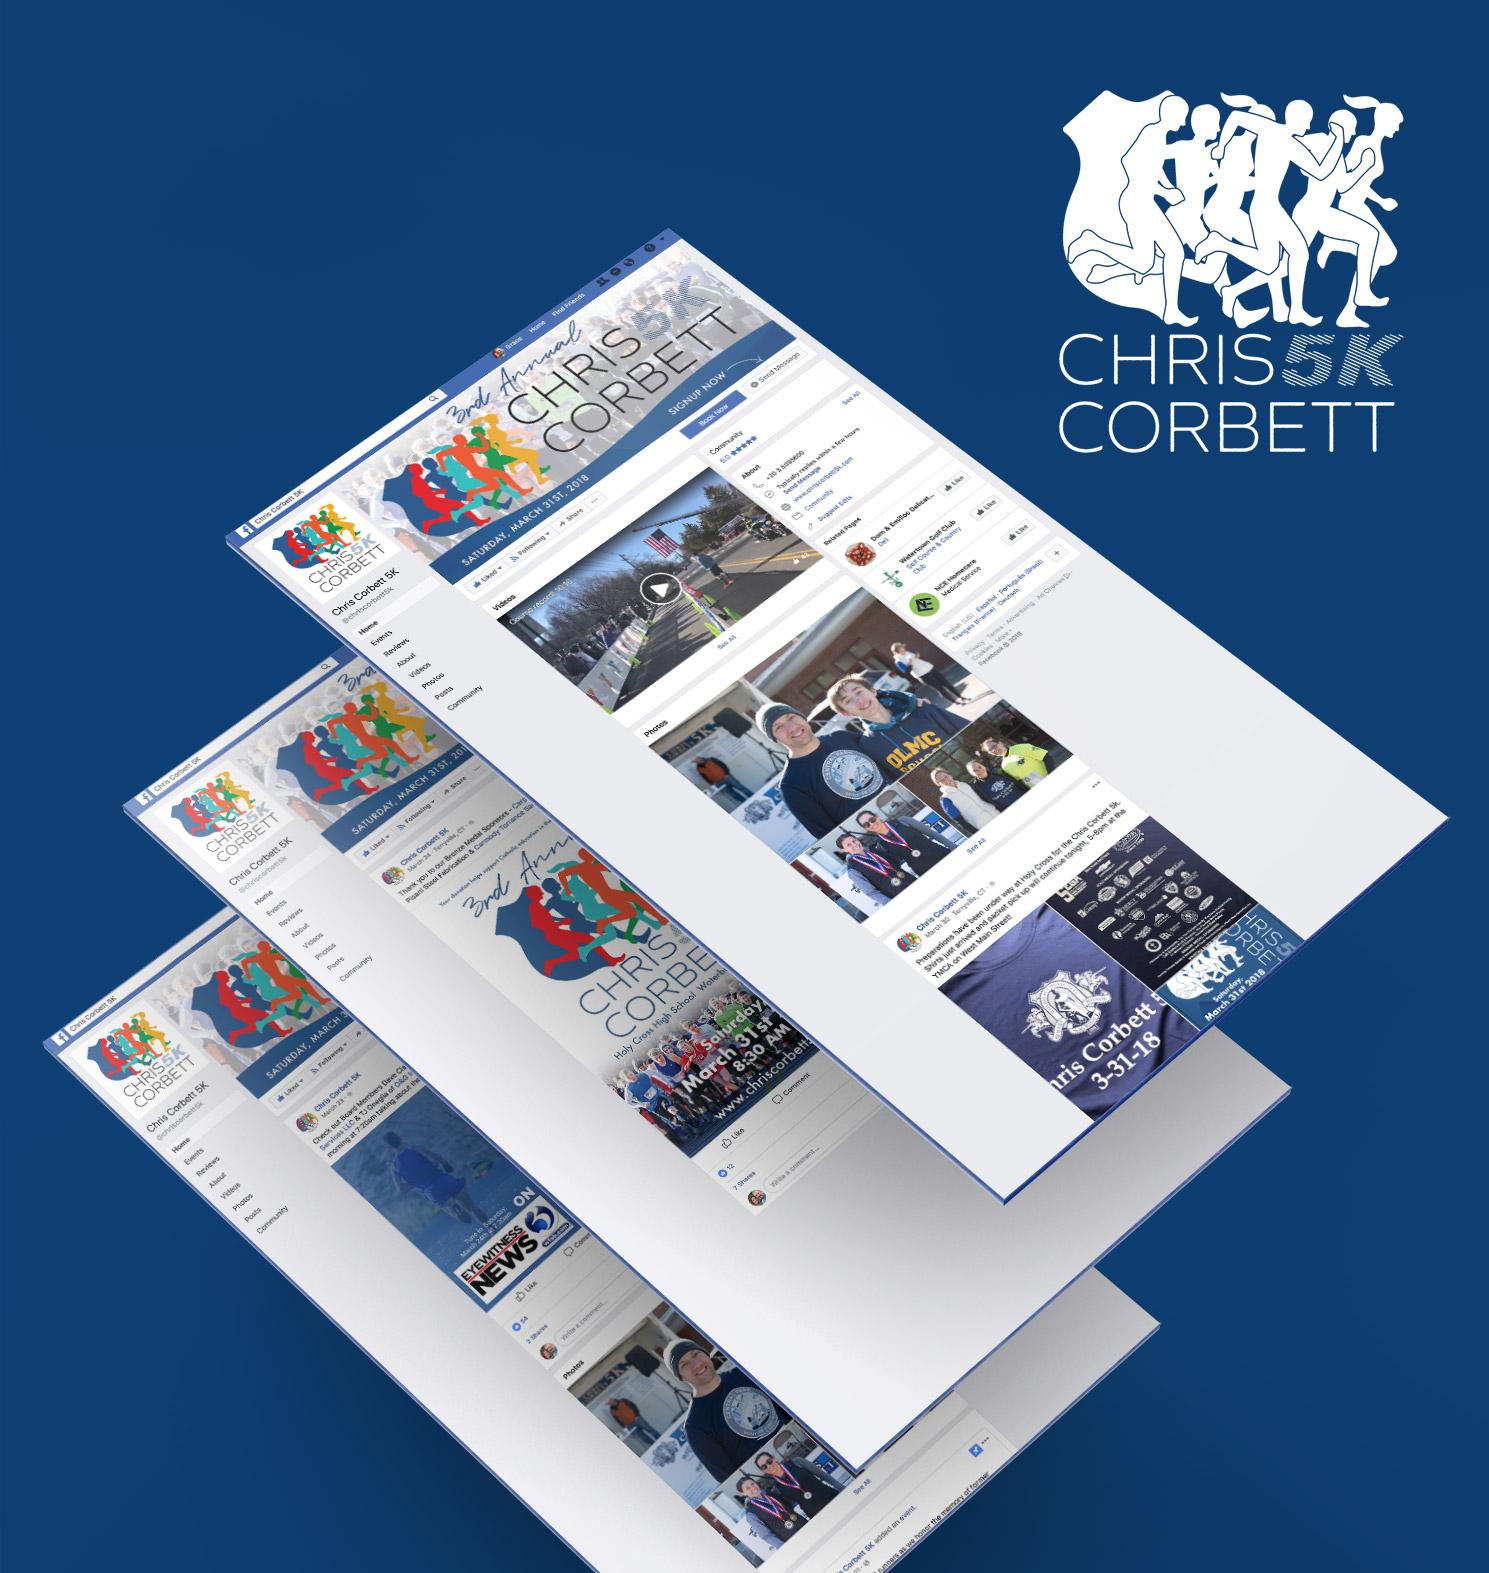 Chris Corbett 5k Social Media